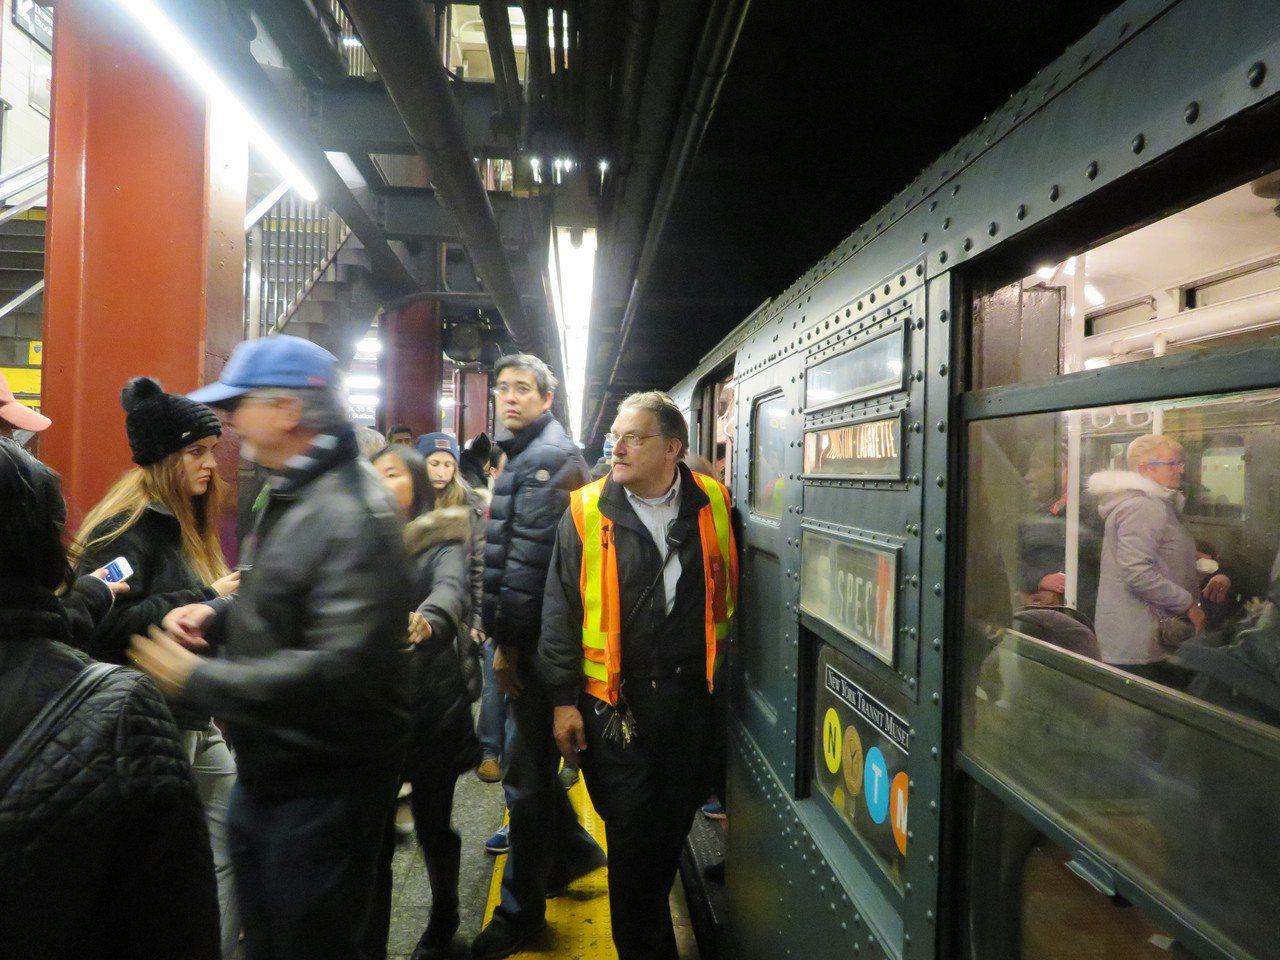 一年一度的紐約假日懷舊地鐵26日開通,吸引大批民眾。(記者陳小寧/攝影)